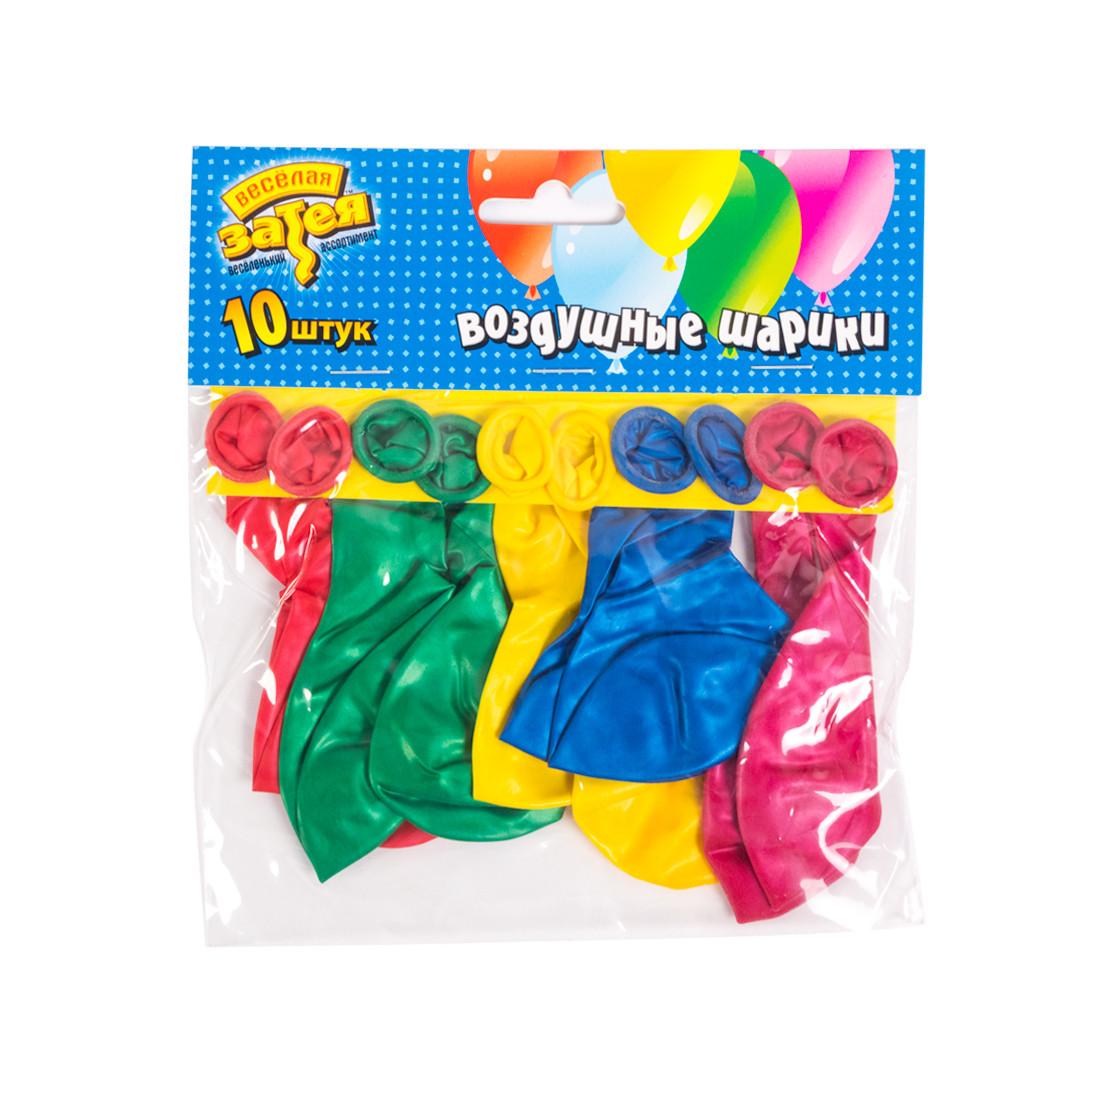 Воздушные шарики 1111-0106 (10 шт. в пакете) - фото 2